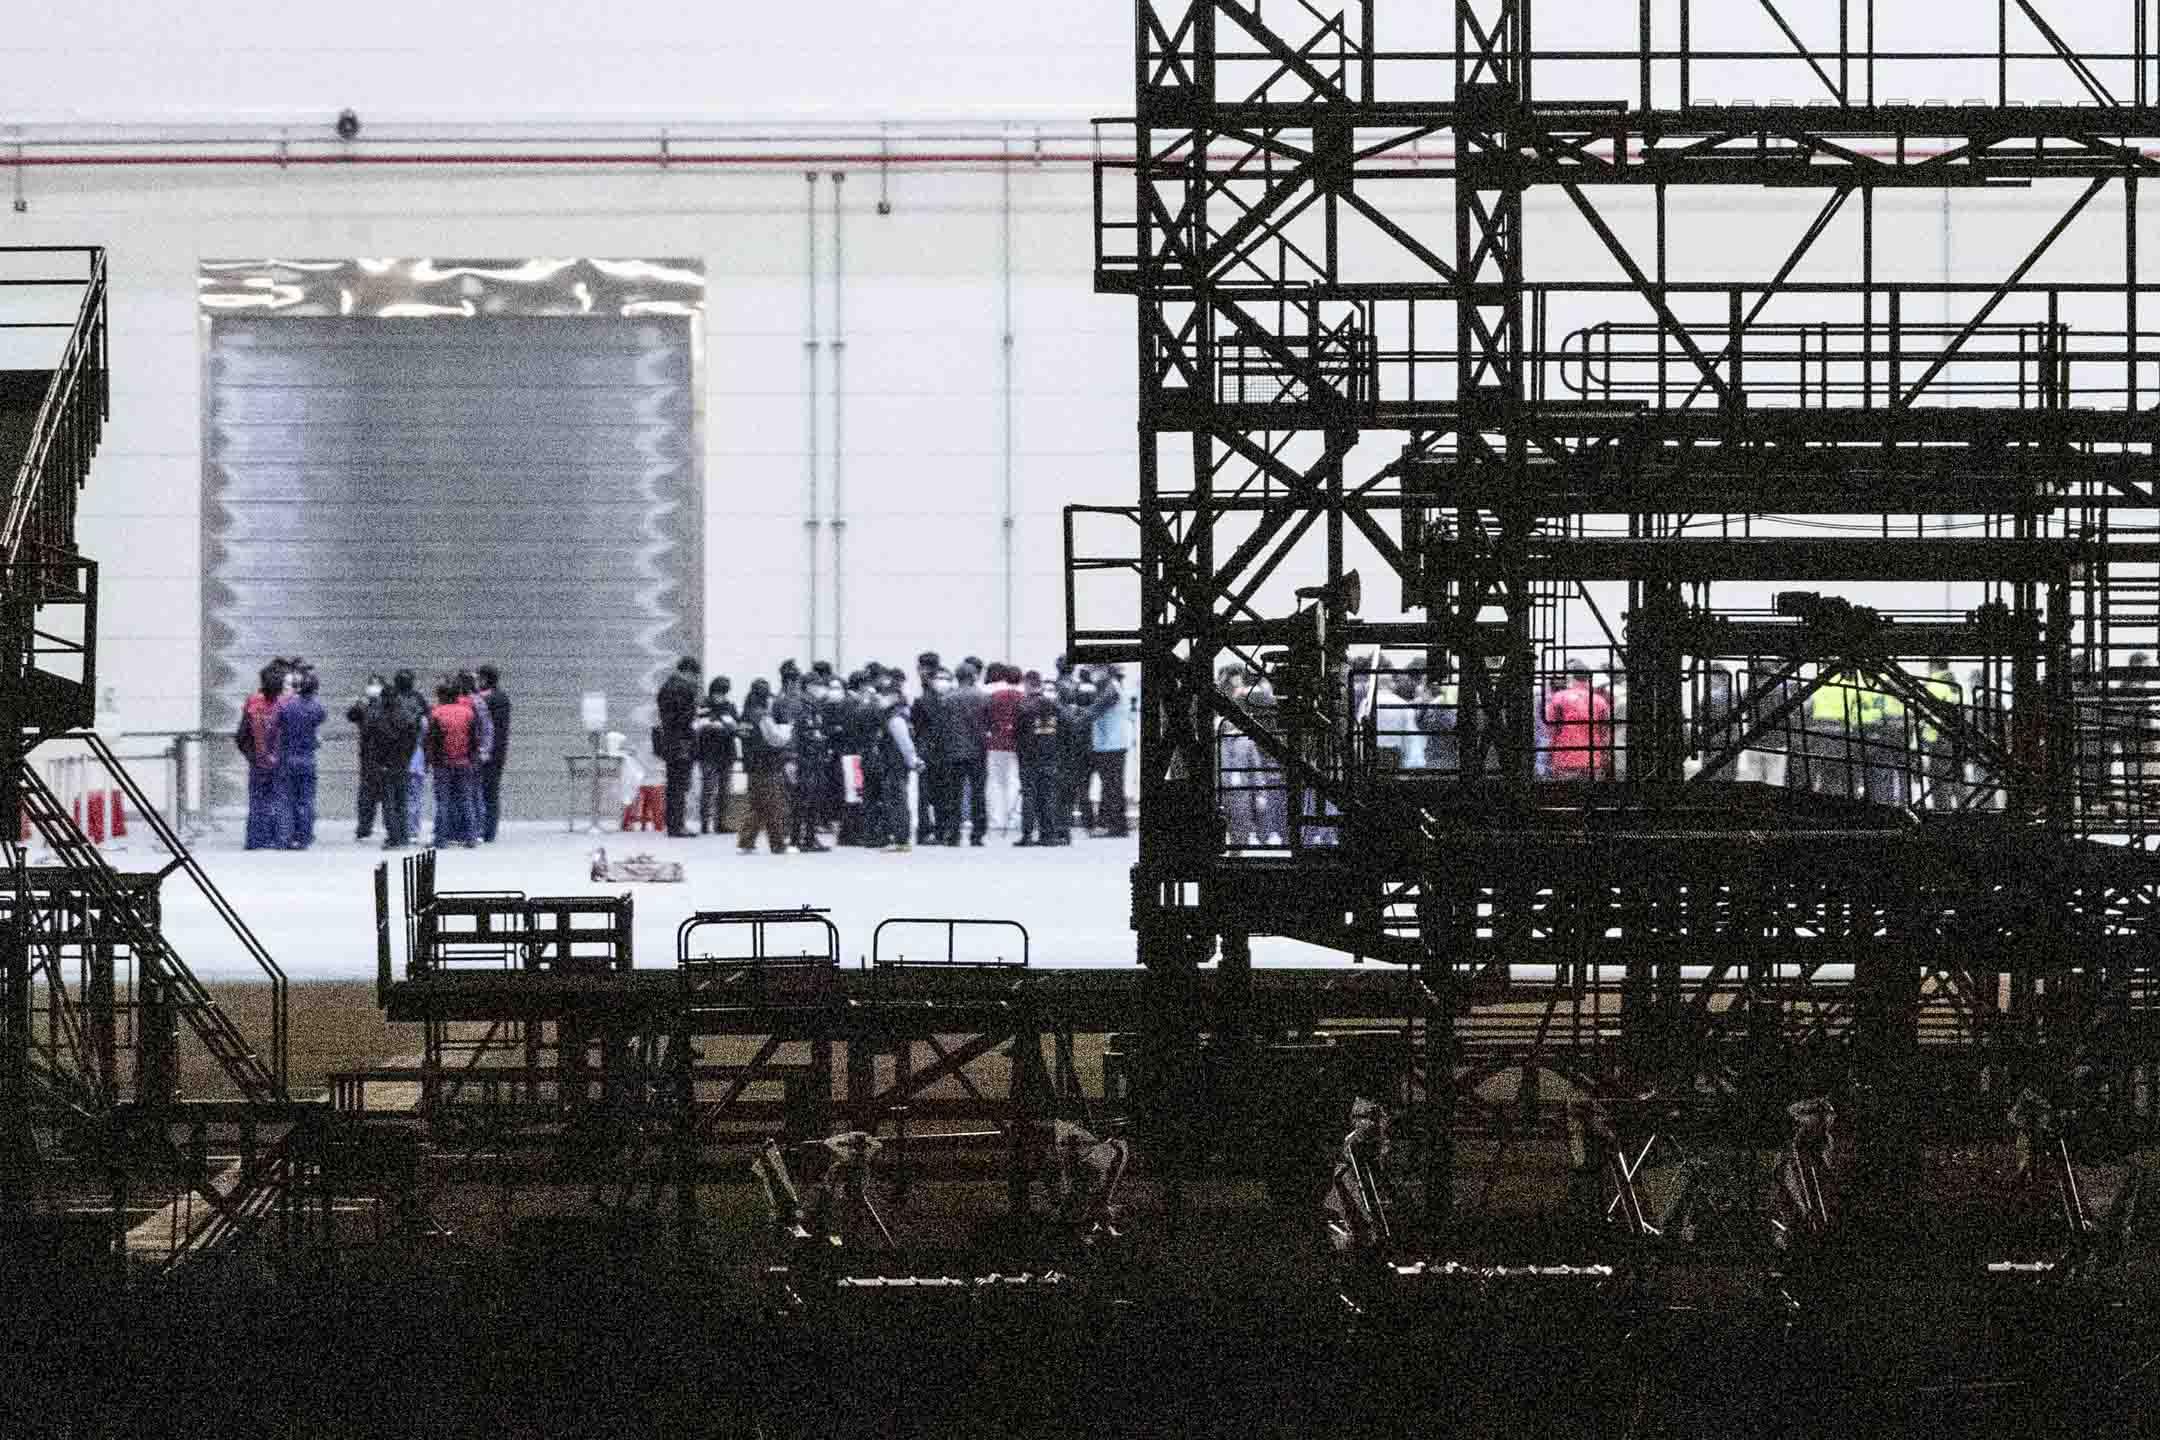 2020年2月3日桃園國際機場,武漢台商午夜抵達機場,飛機直接進入維修棚,醫護人員上機檢疫後安置隔離。 攝:攝:Johannes chen/端傳媒